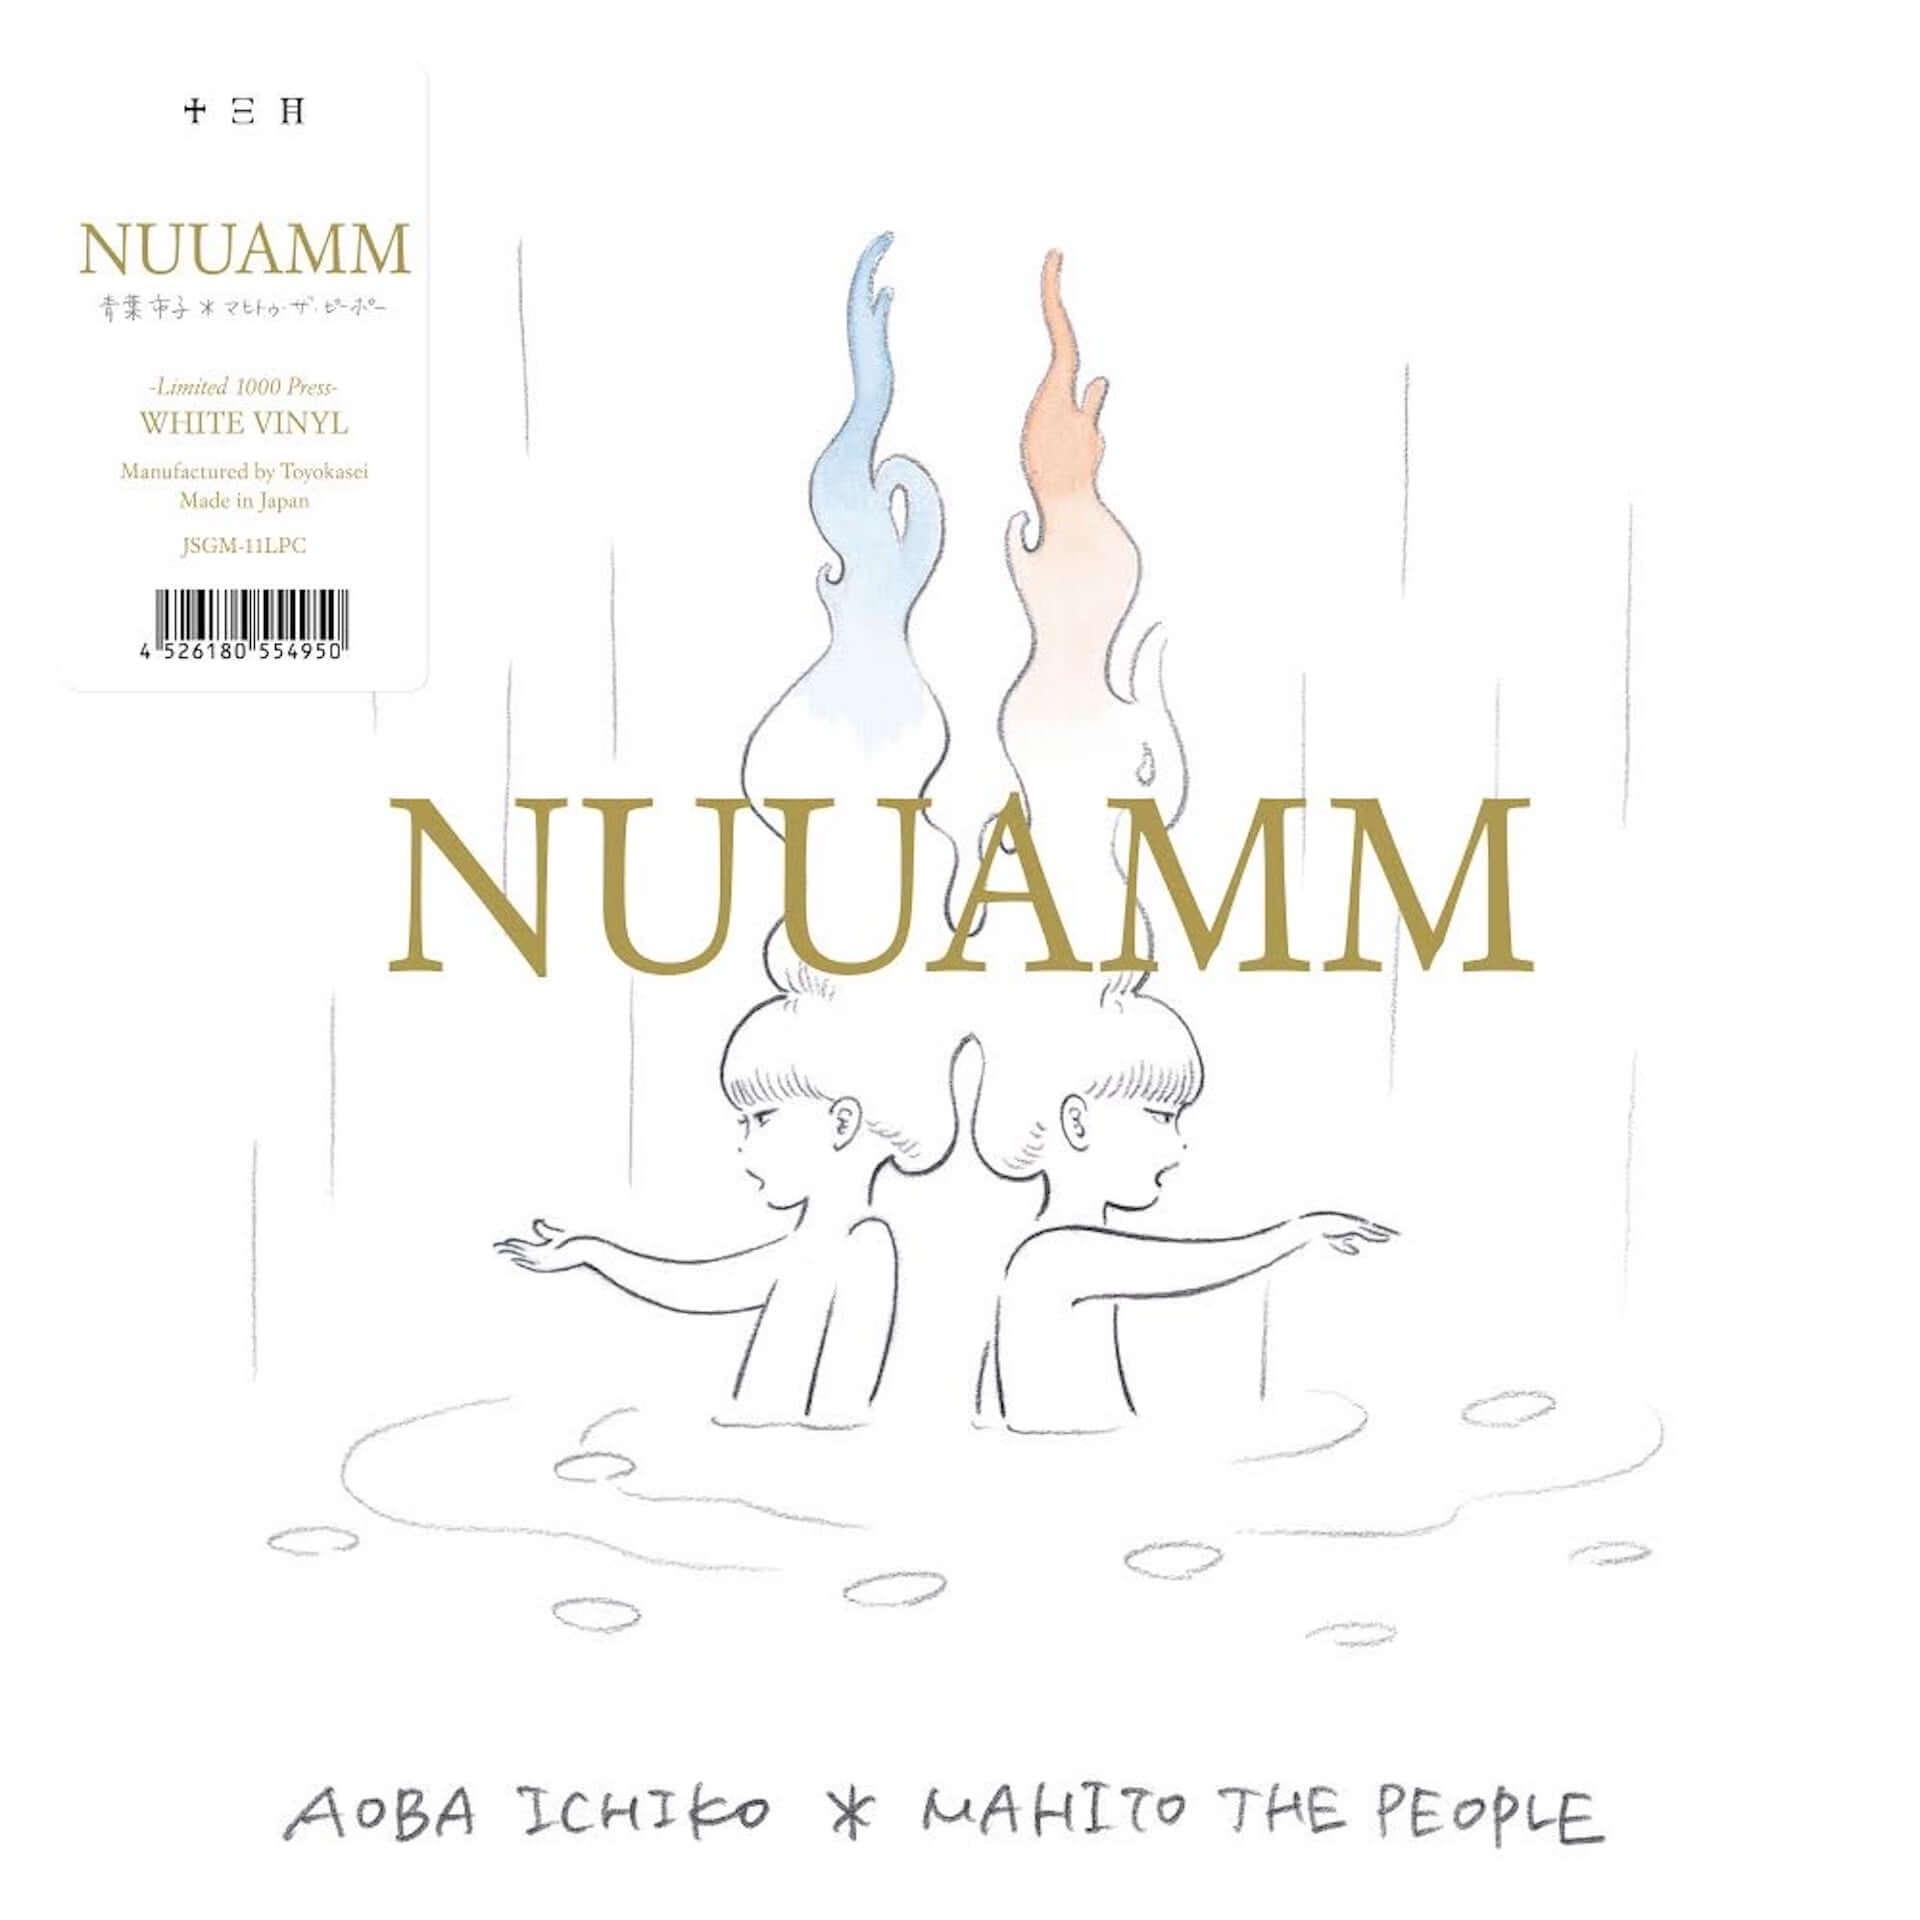 マヒトゥ・ザ・ピーポーと青葉市子によるNUUAMMの1stアルバムがレコード化!〈十三月〉のレコード盤リリース第2弾が発表 music210215_jusangatsu_2-1920x1920